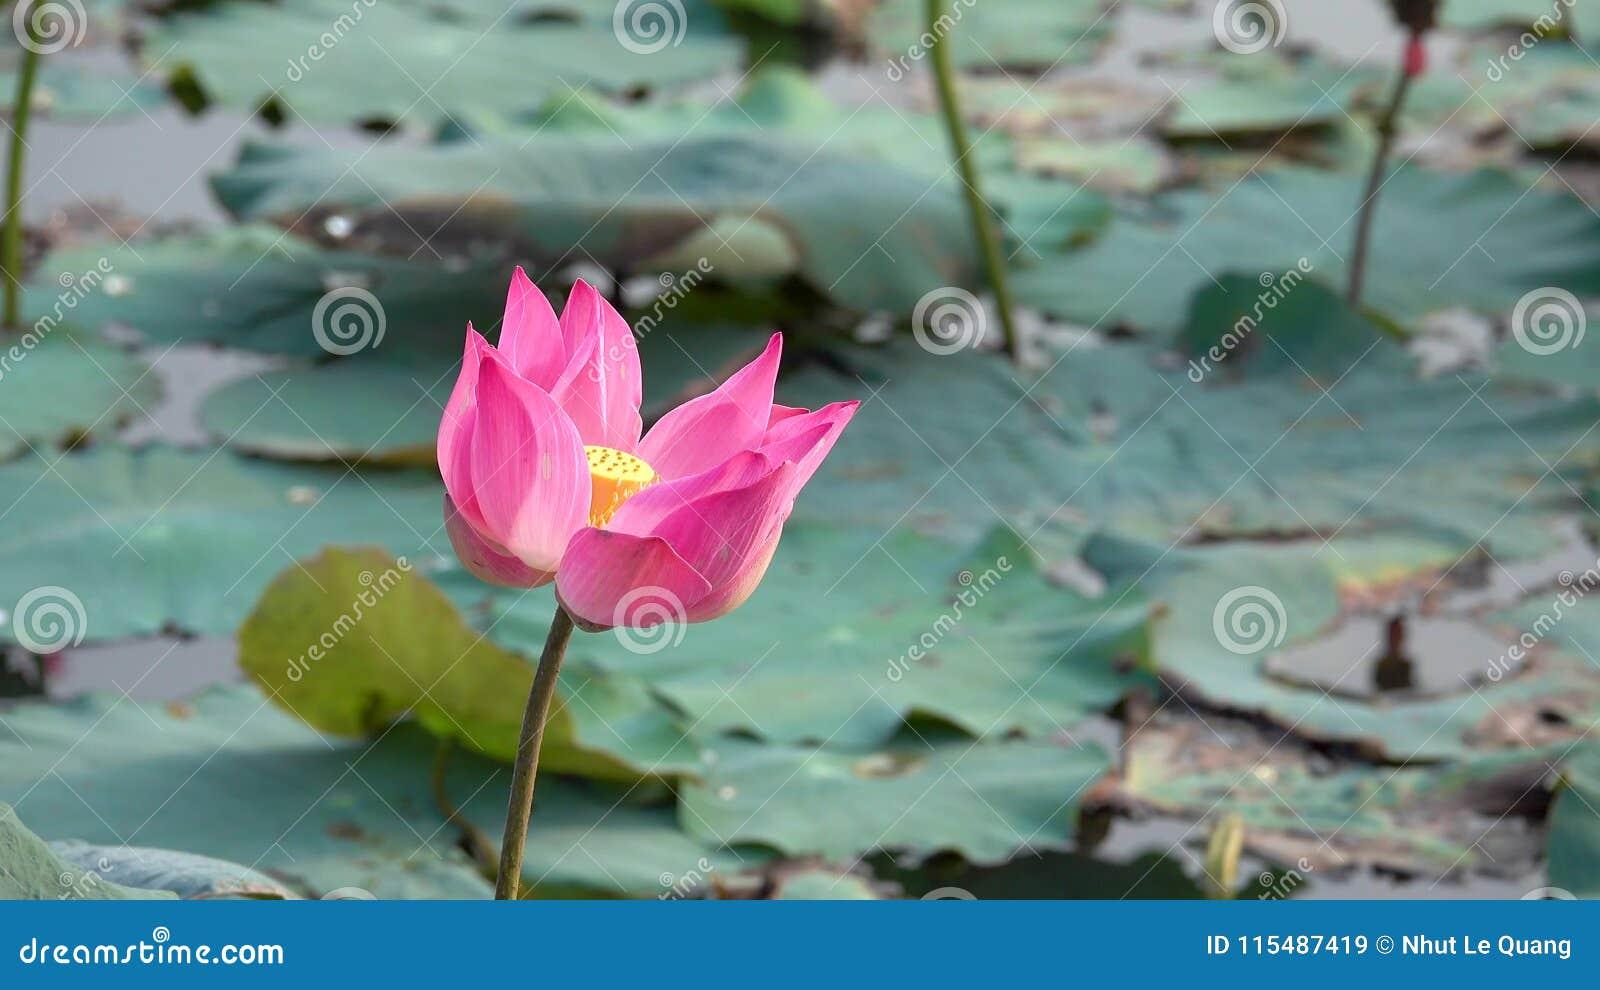 Pink lotus flower blowing in wind stock video video of green asia pink lotus flower blowing in wind stock video video of green asia 115487419 mightylinksfo